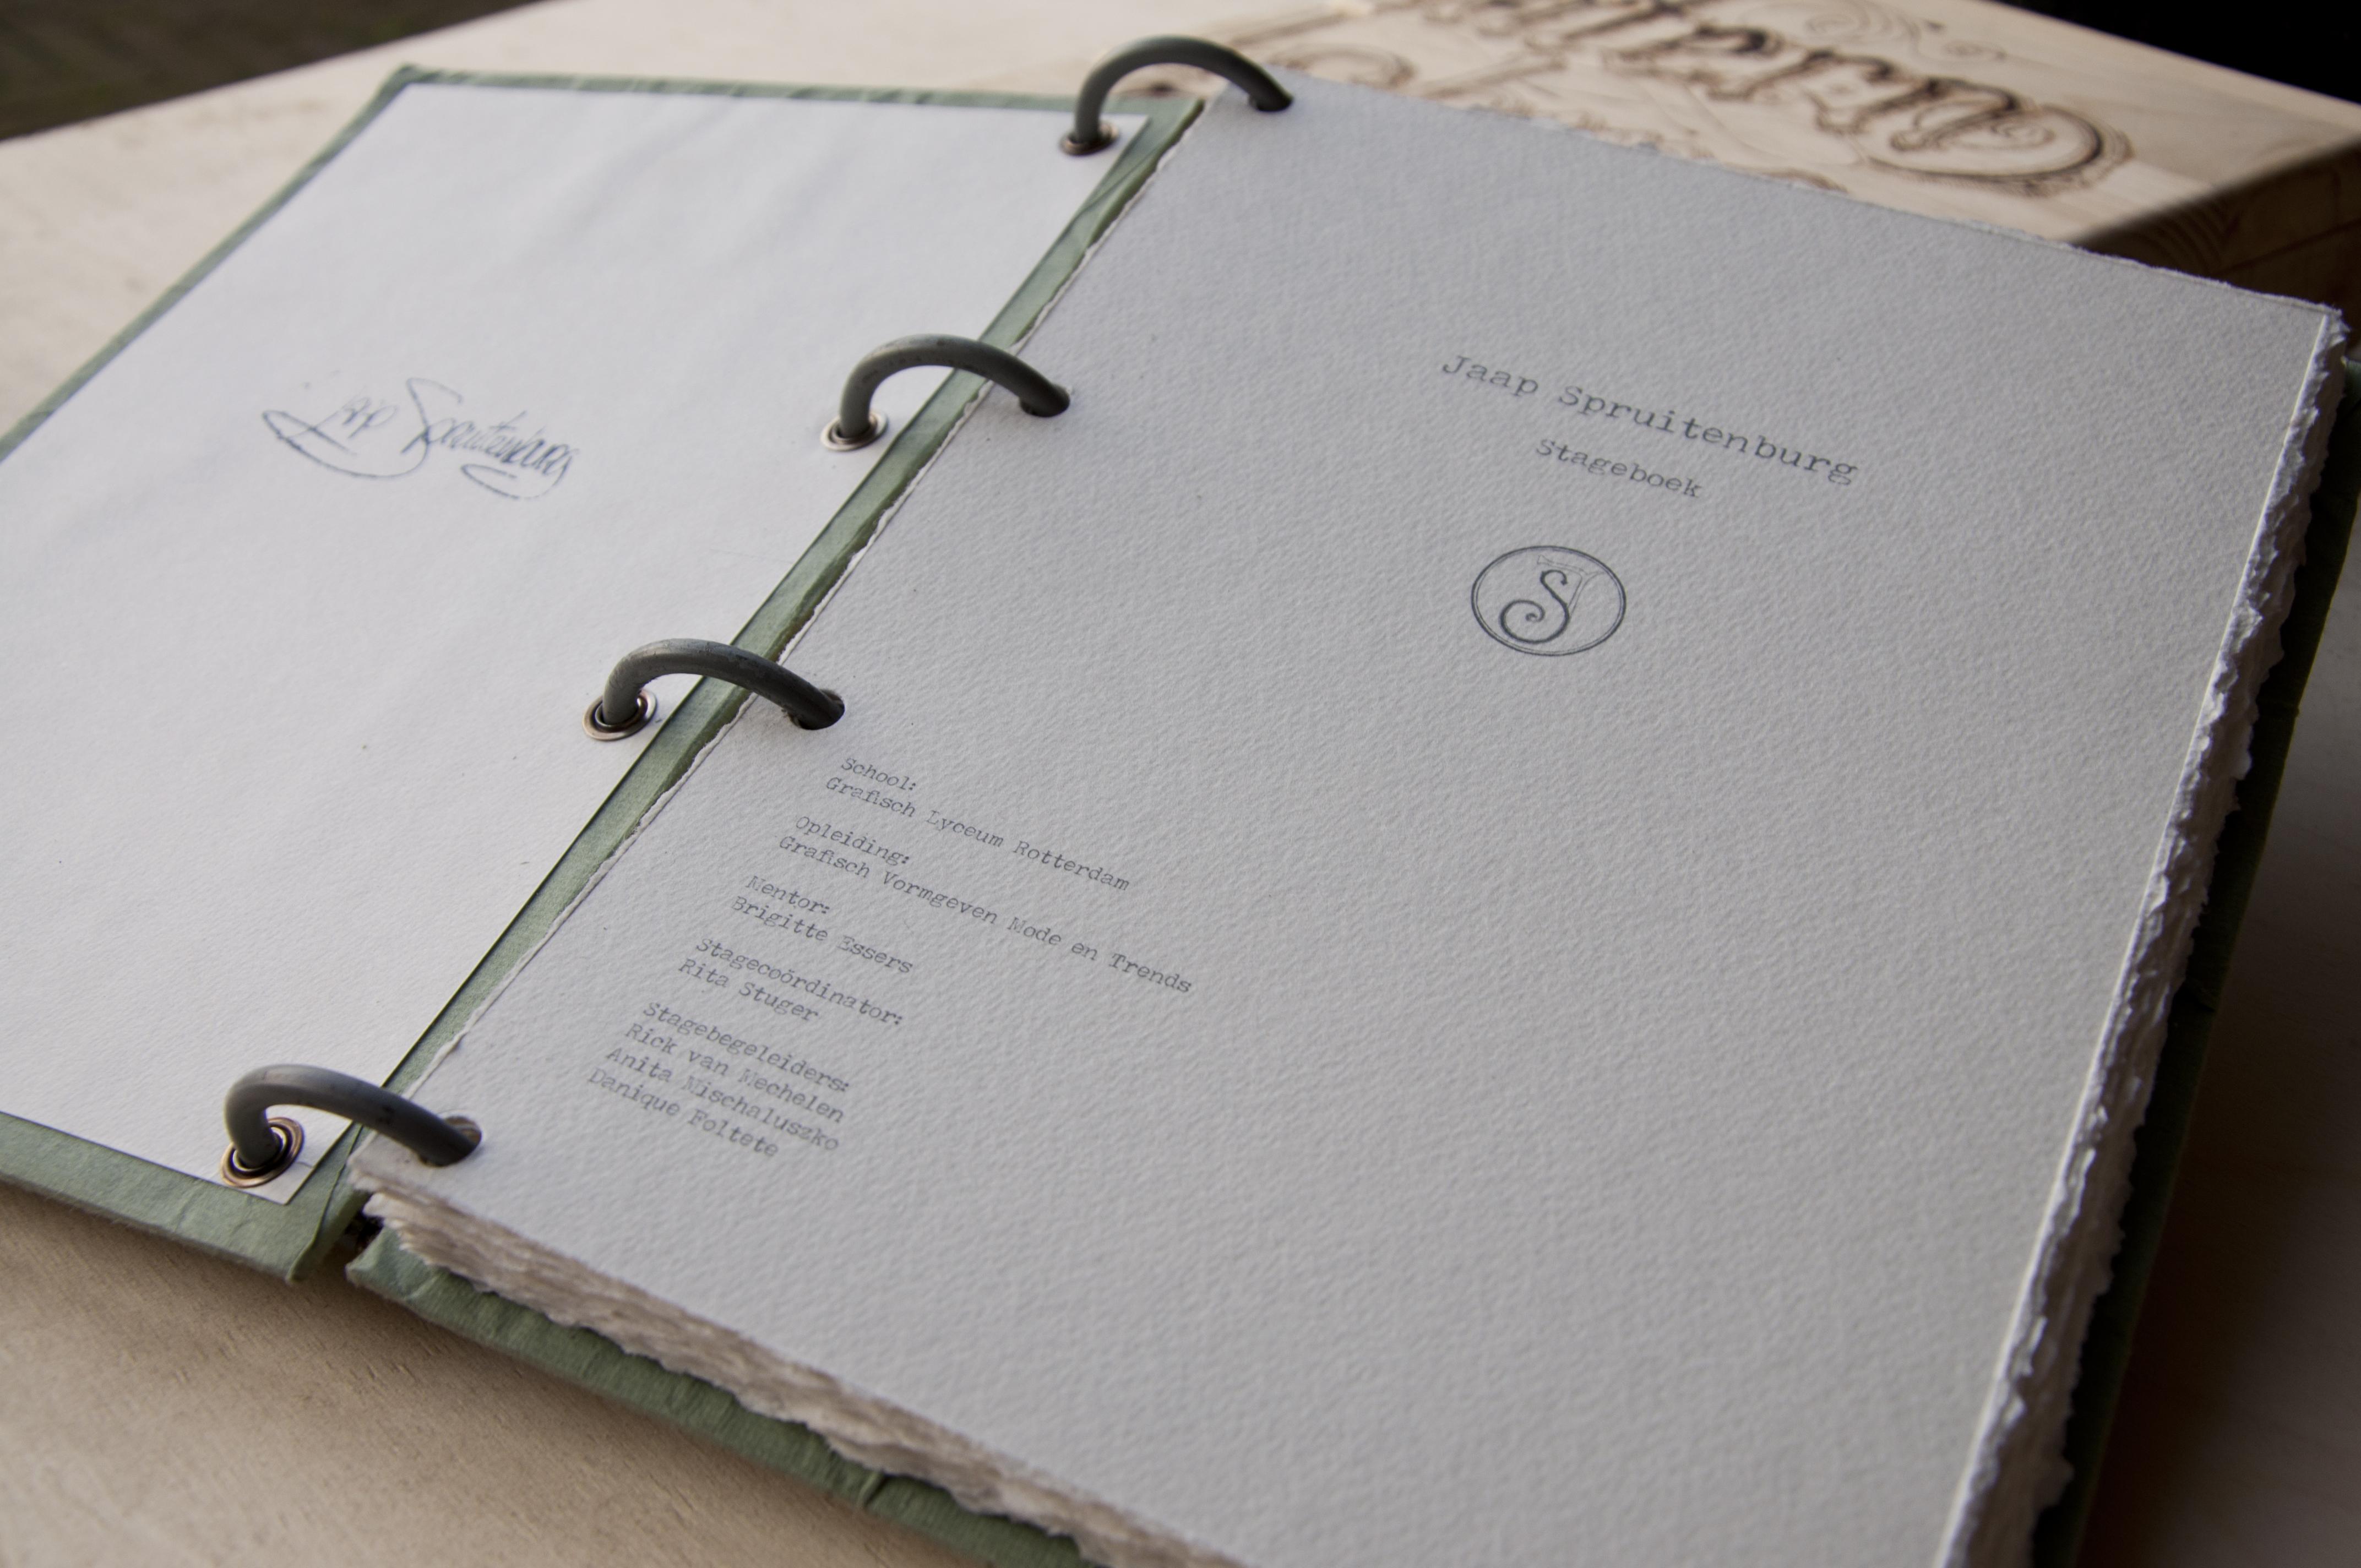 Internshipboek_022